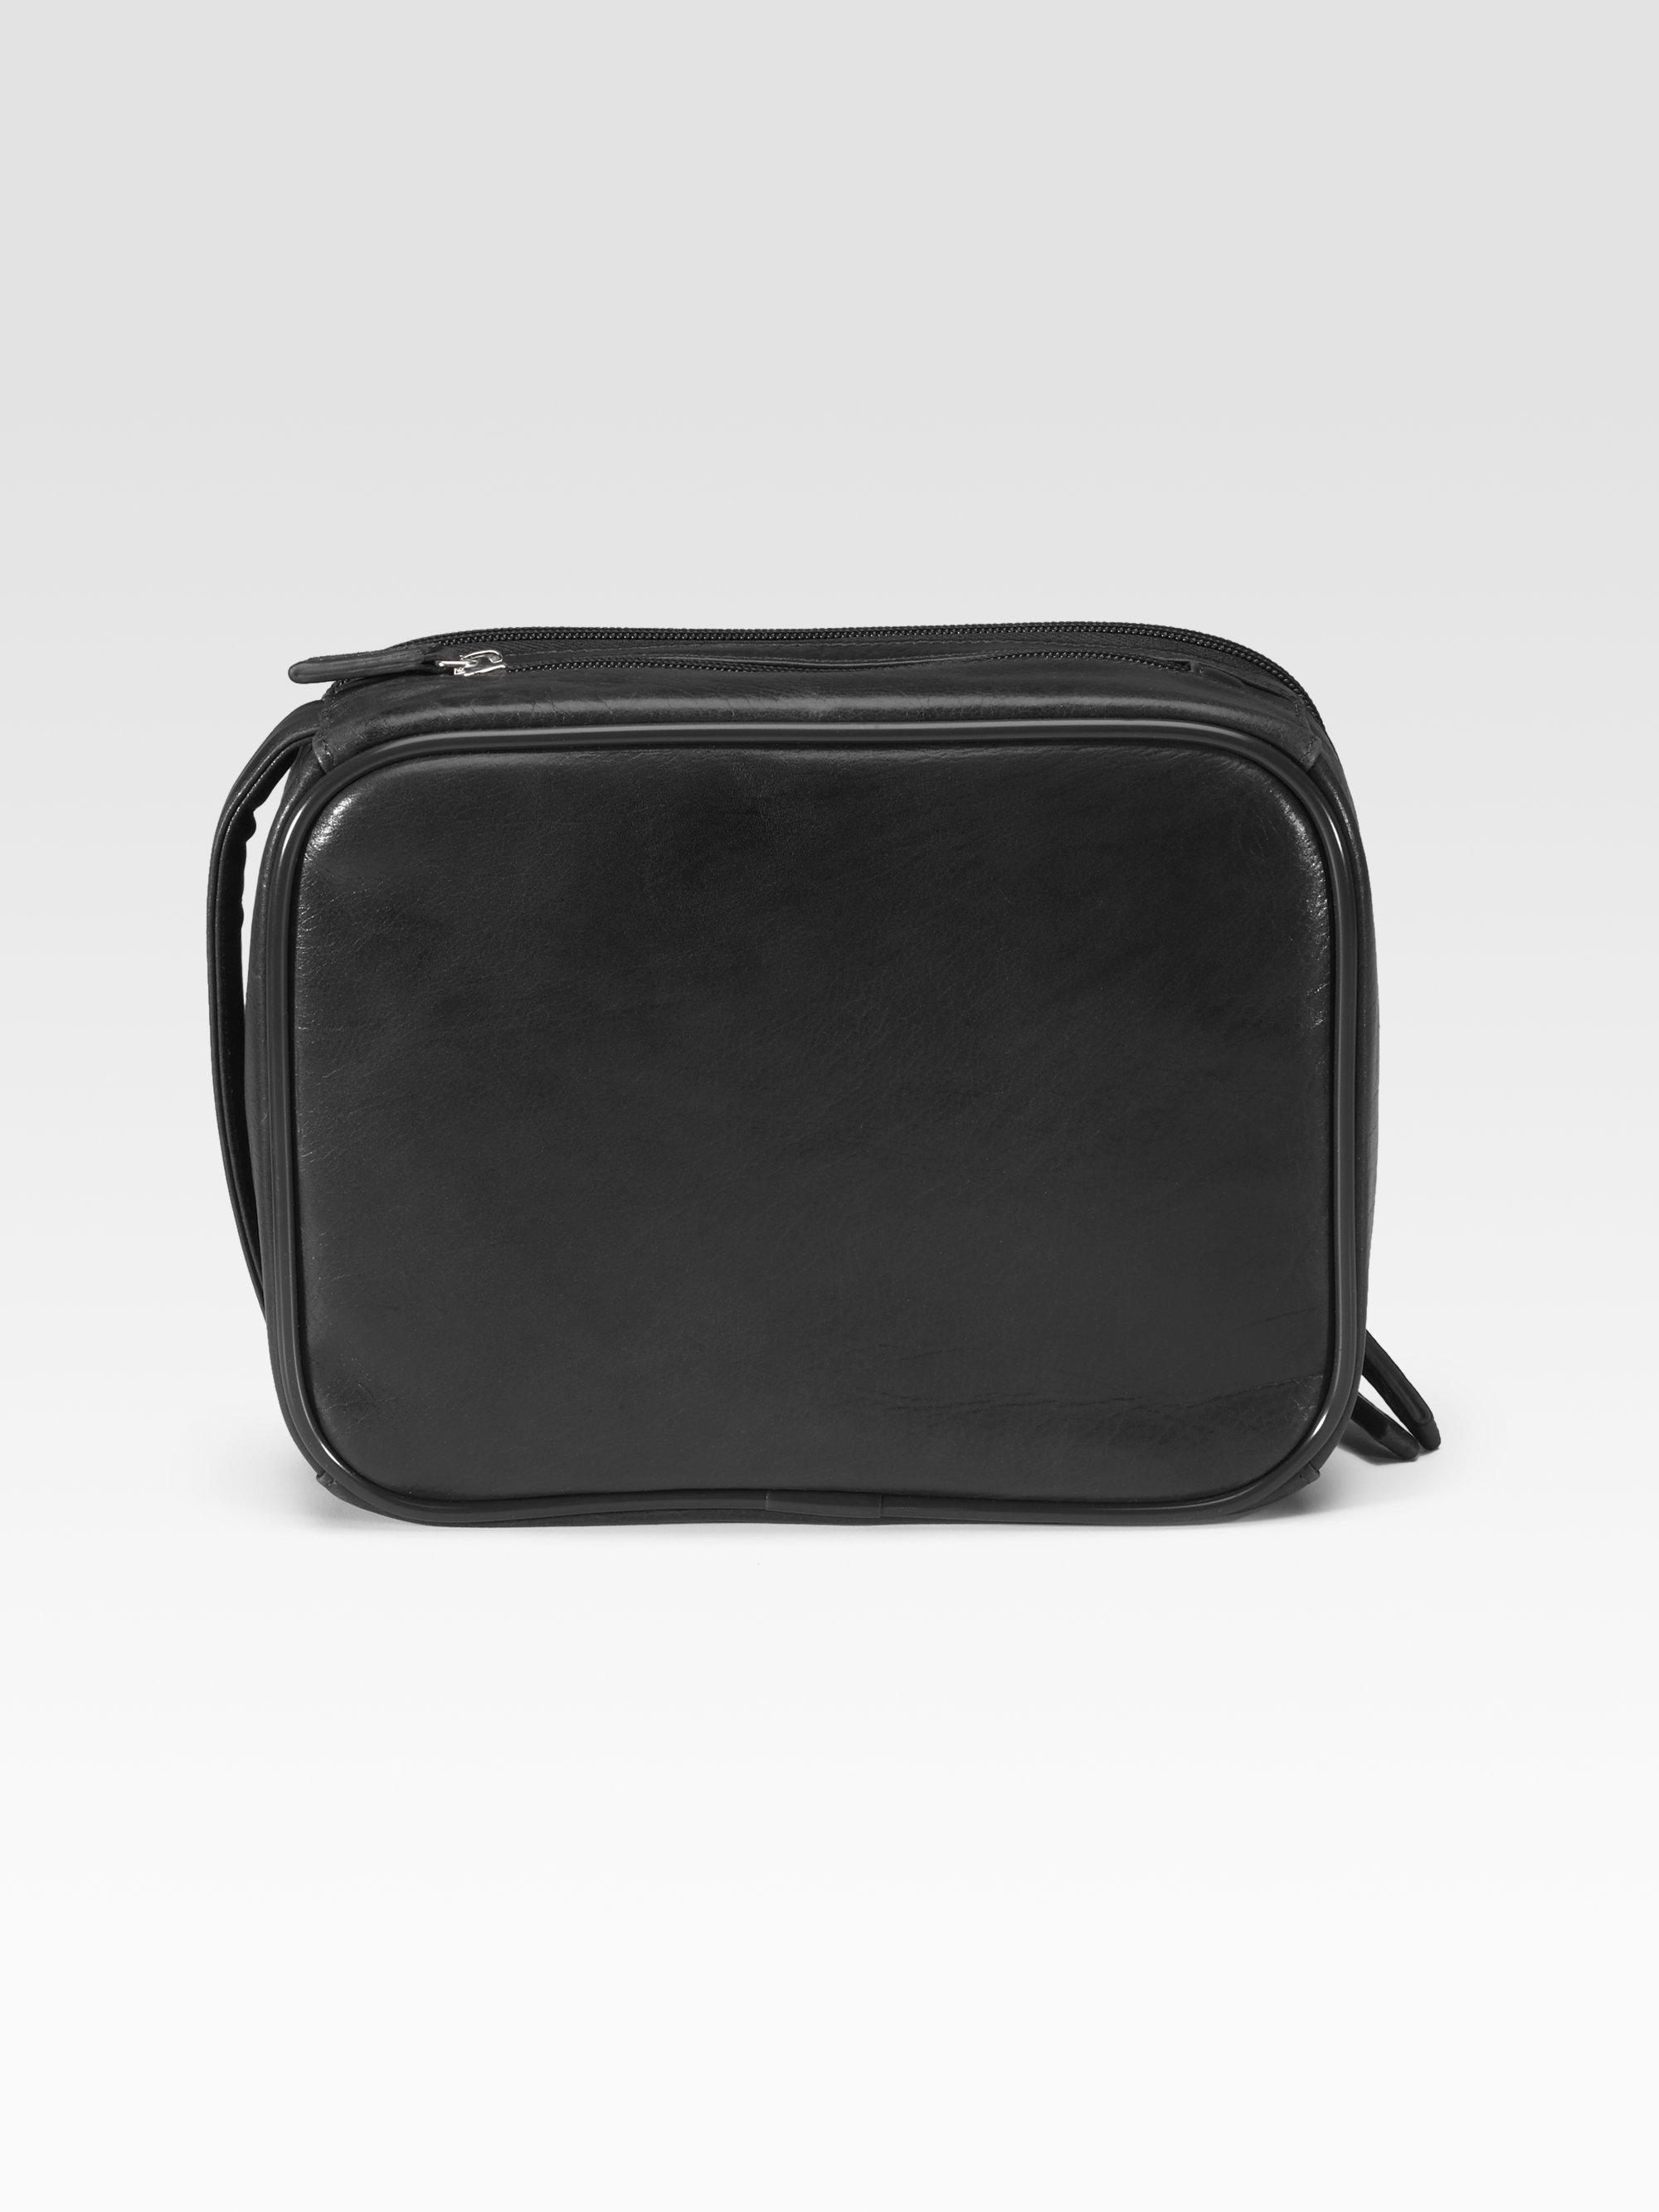 Mens Designer Travel Bags  98a9b67d178af